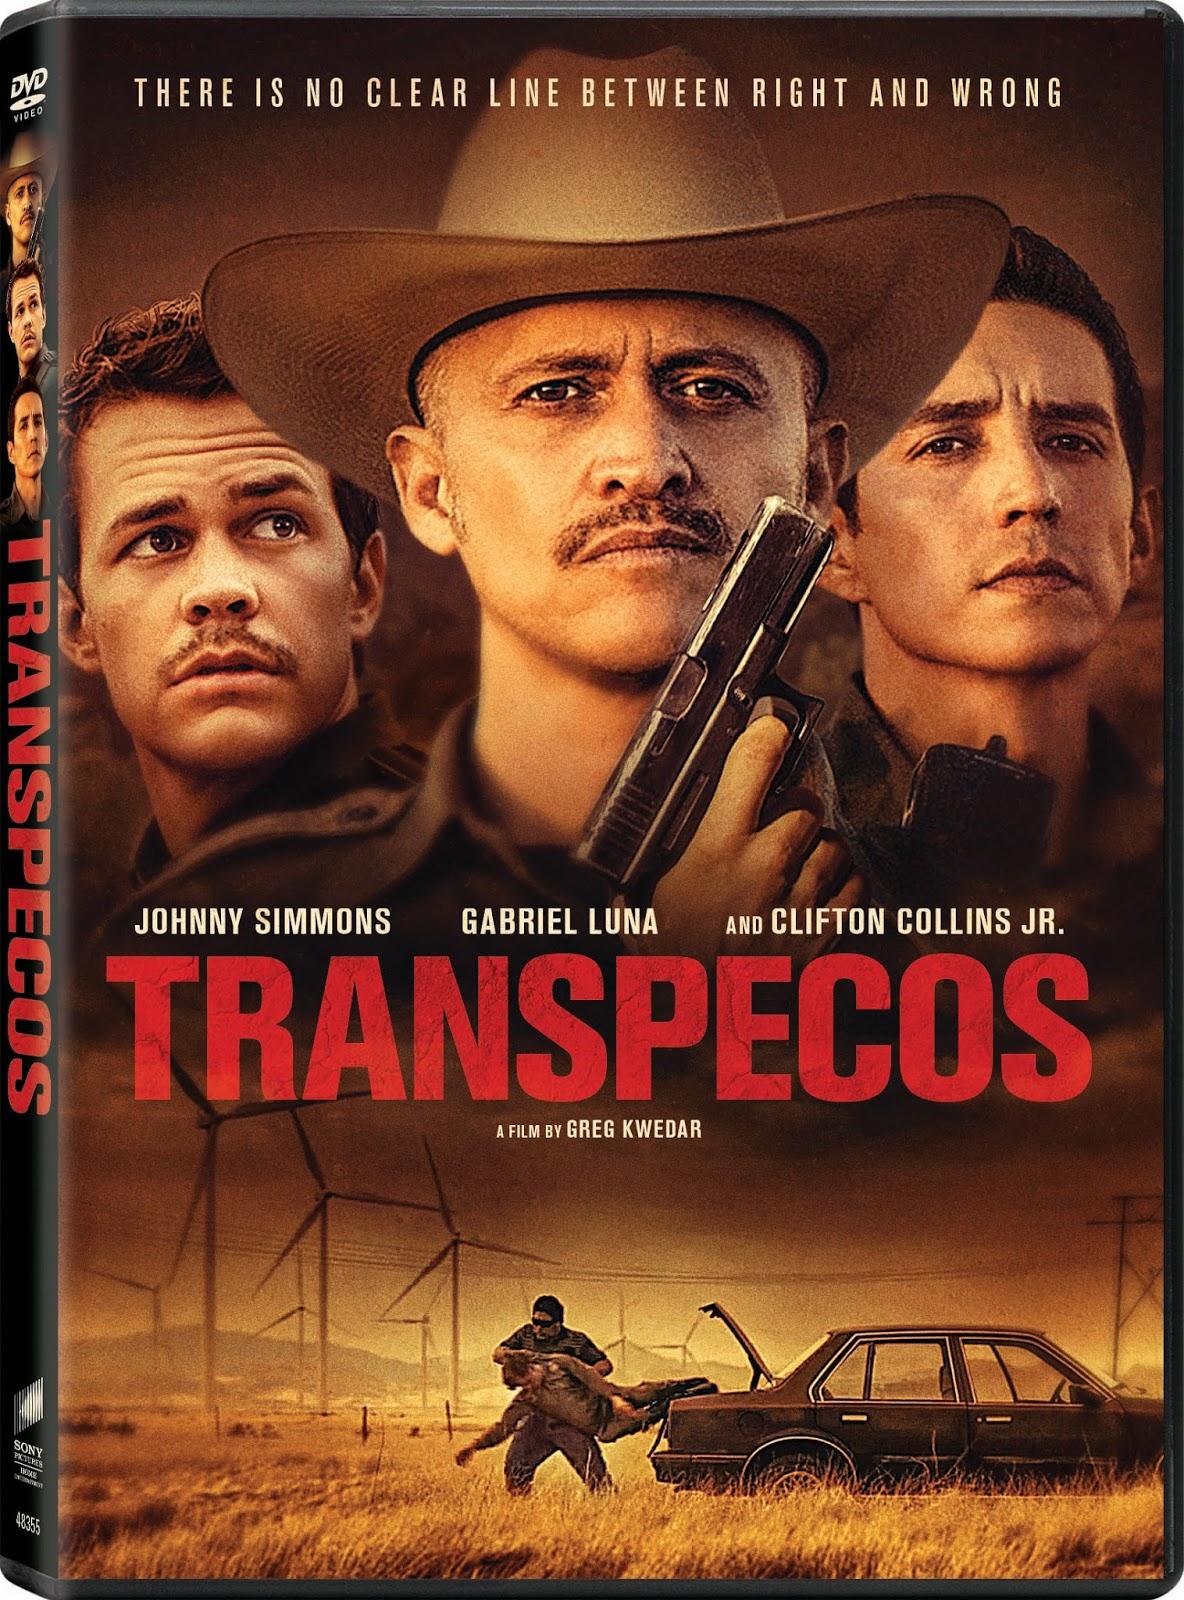 transpecos en dvd digital el 27 de septiembre